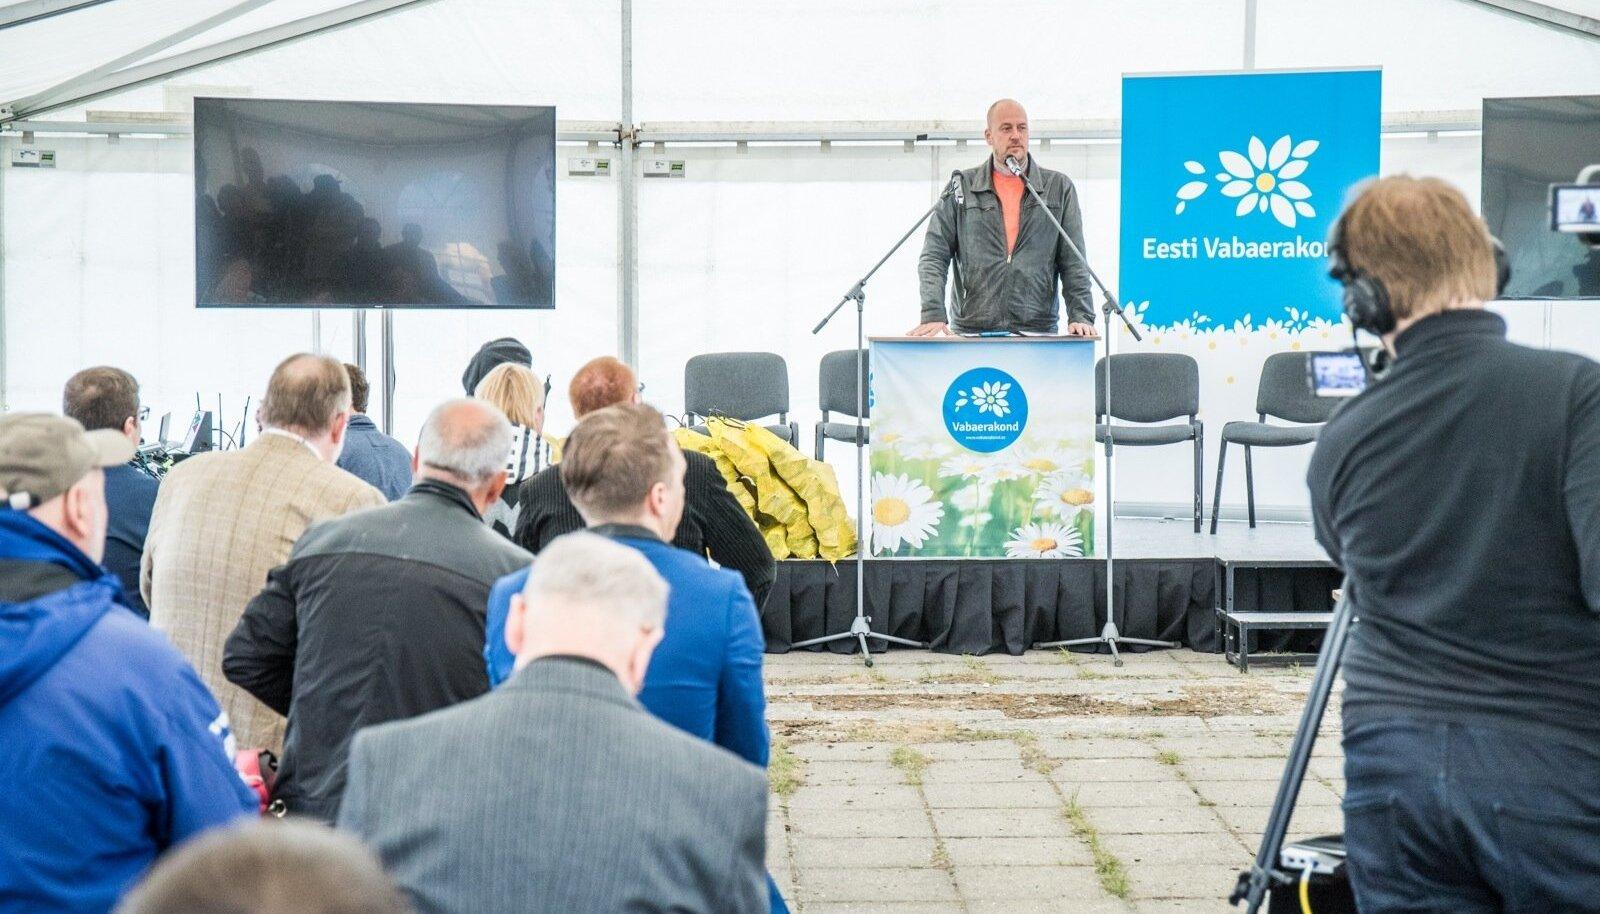 """Tallinna Korruptsioonikonverents """"Edgar läinud, pidu jätkub!"""""""